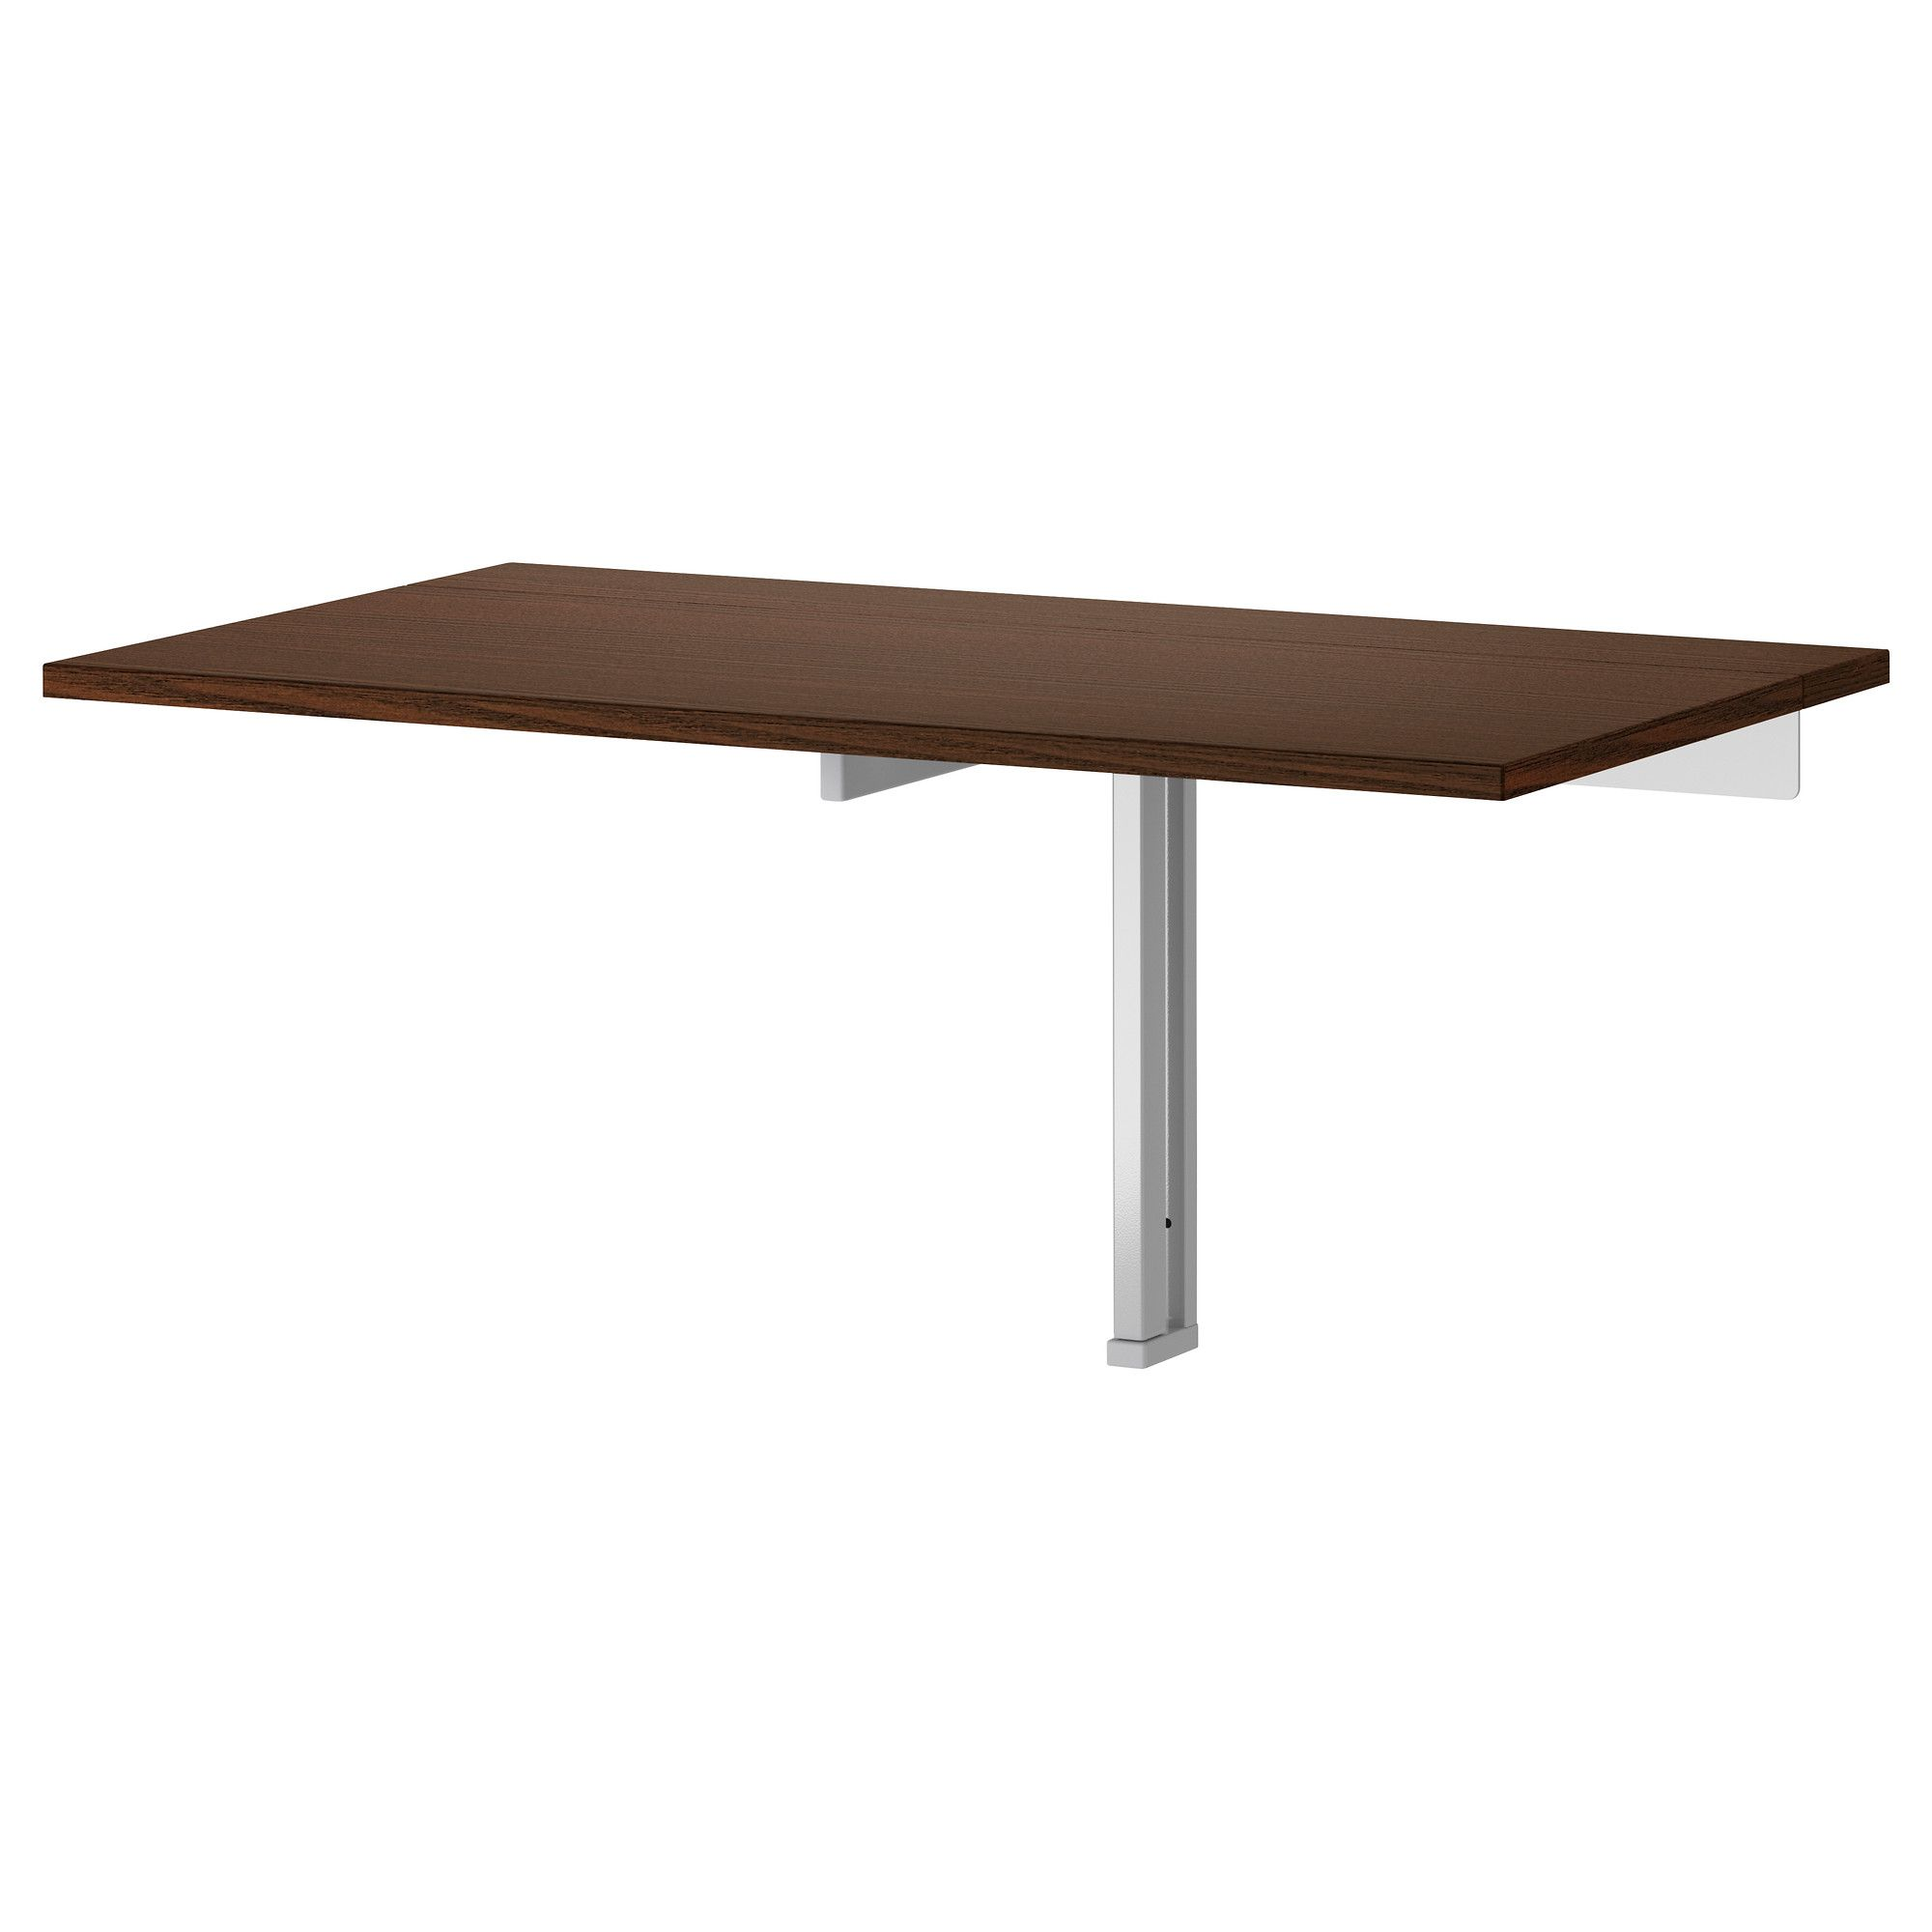 Ikea bjursta tavolo ribaltabile da parete quando il prodotto ripiegato diventa una - Tavolo bjursta ikea ...